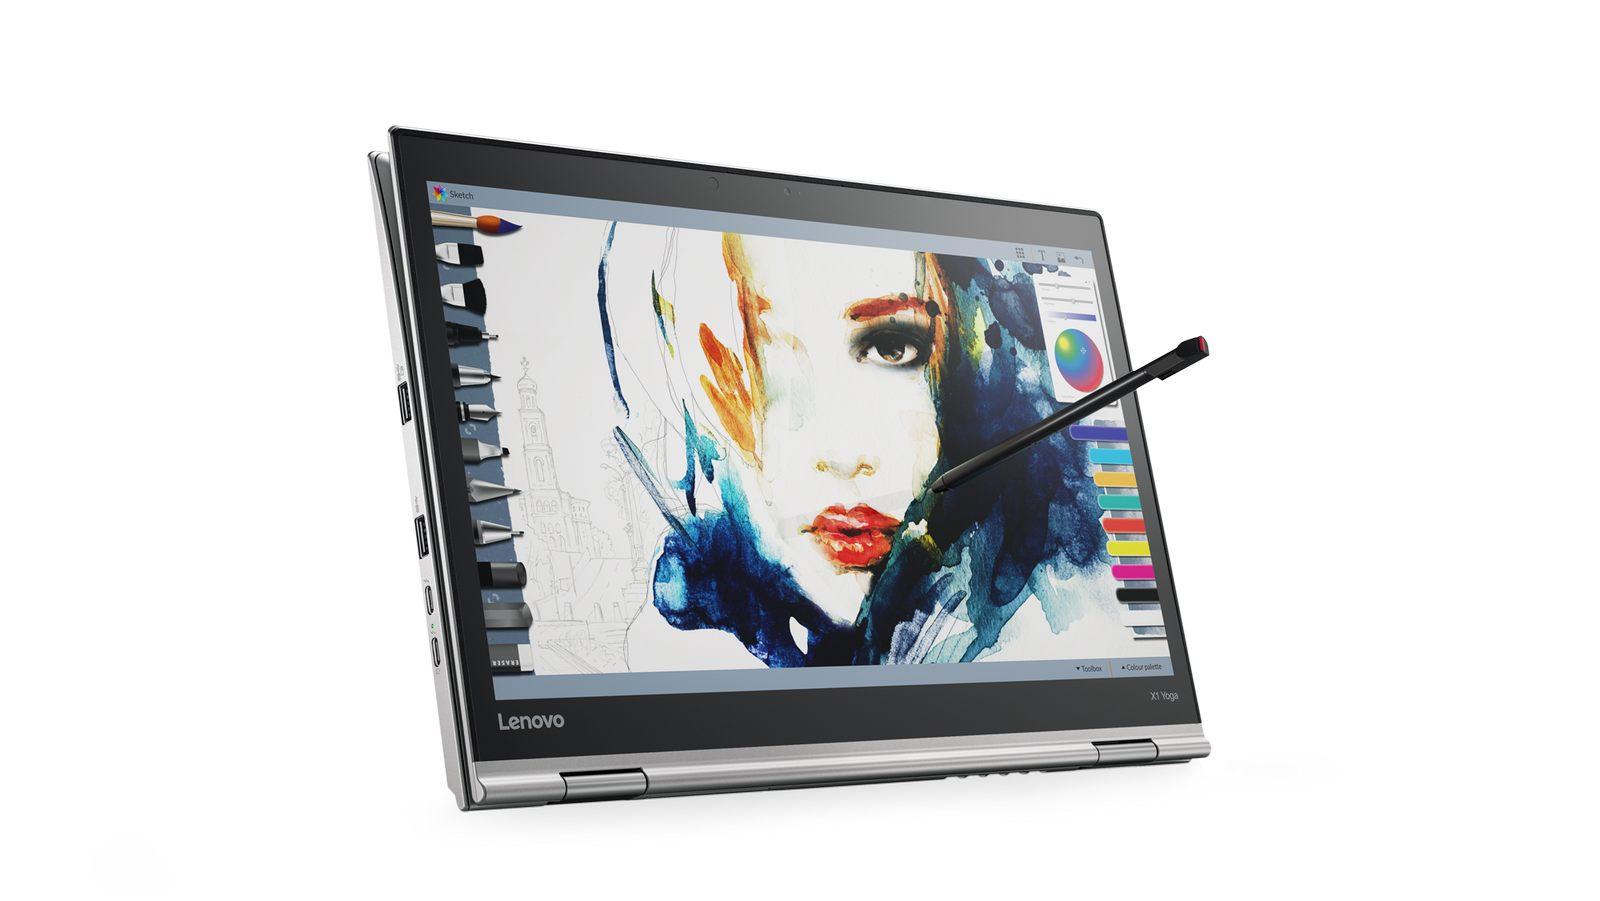 ThinkPad X1 Yoga: Най-лекият бизнес 2-в-1 Ultrabook™